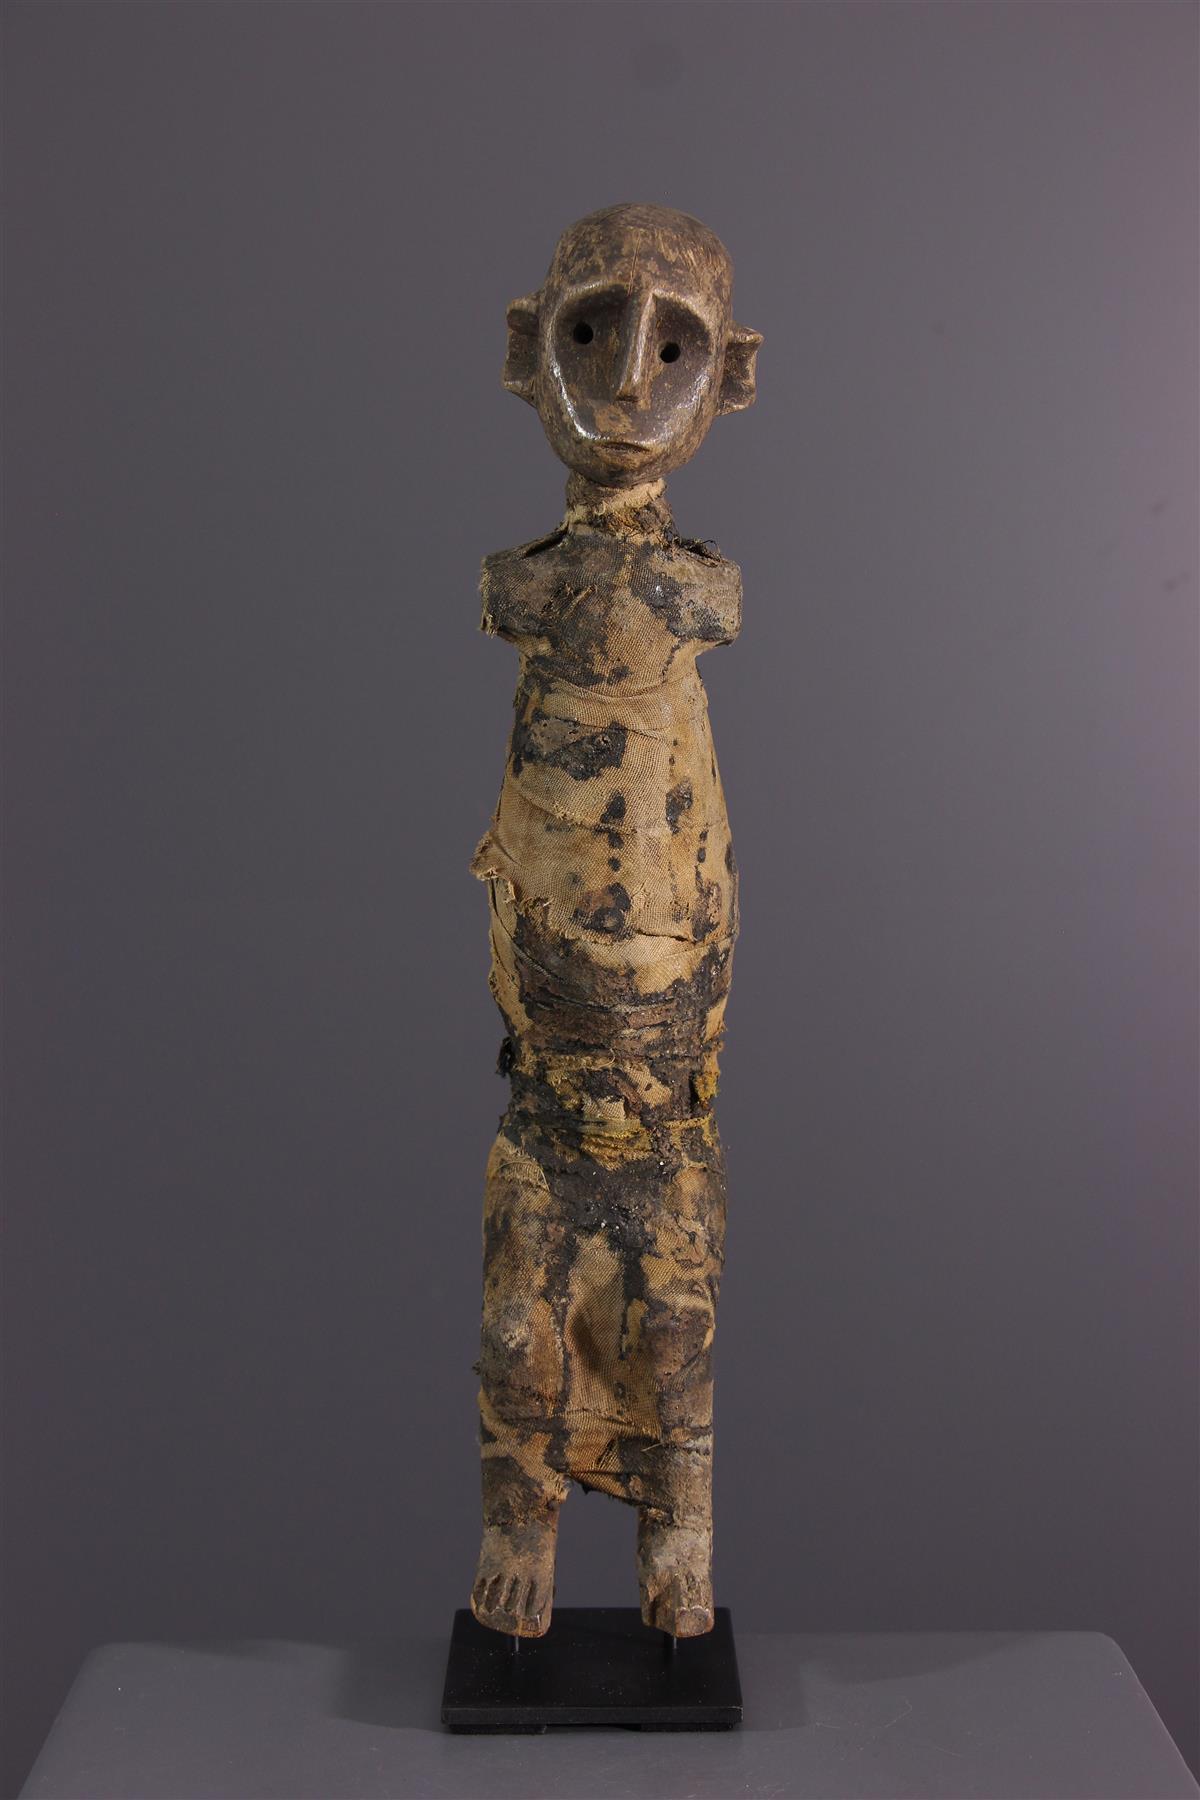 Zigua figure - Tribal art